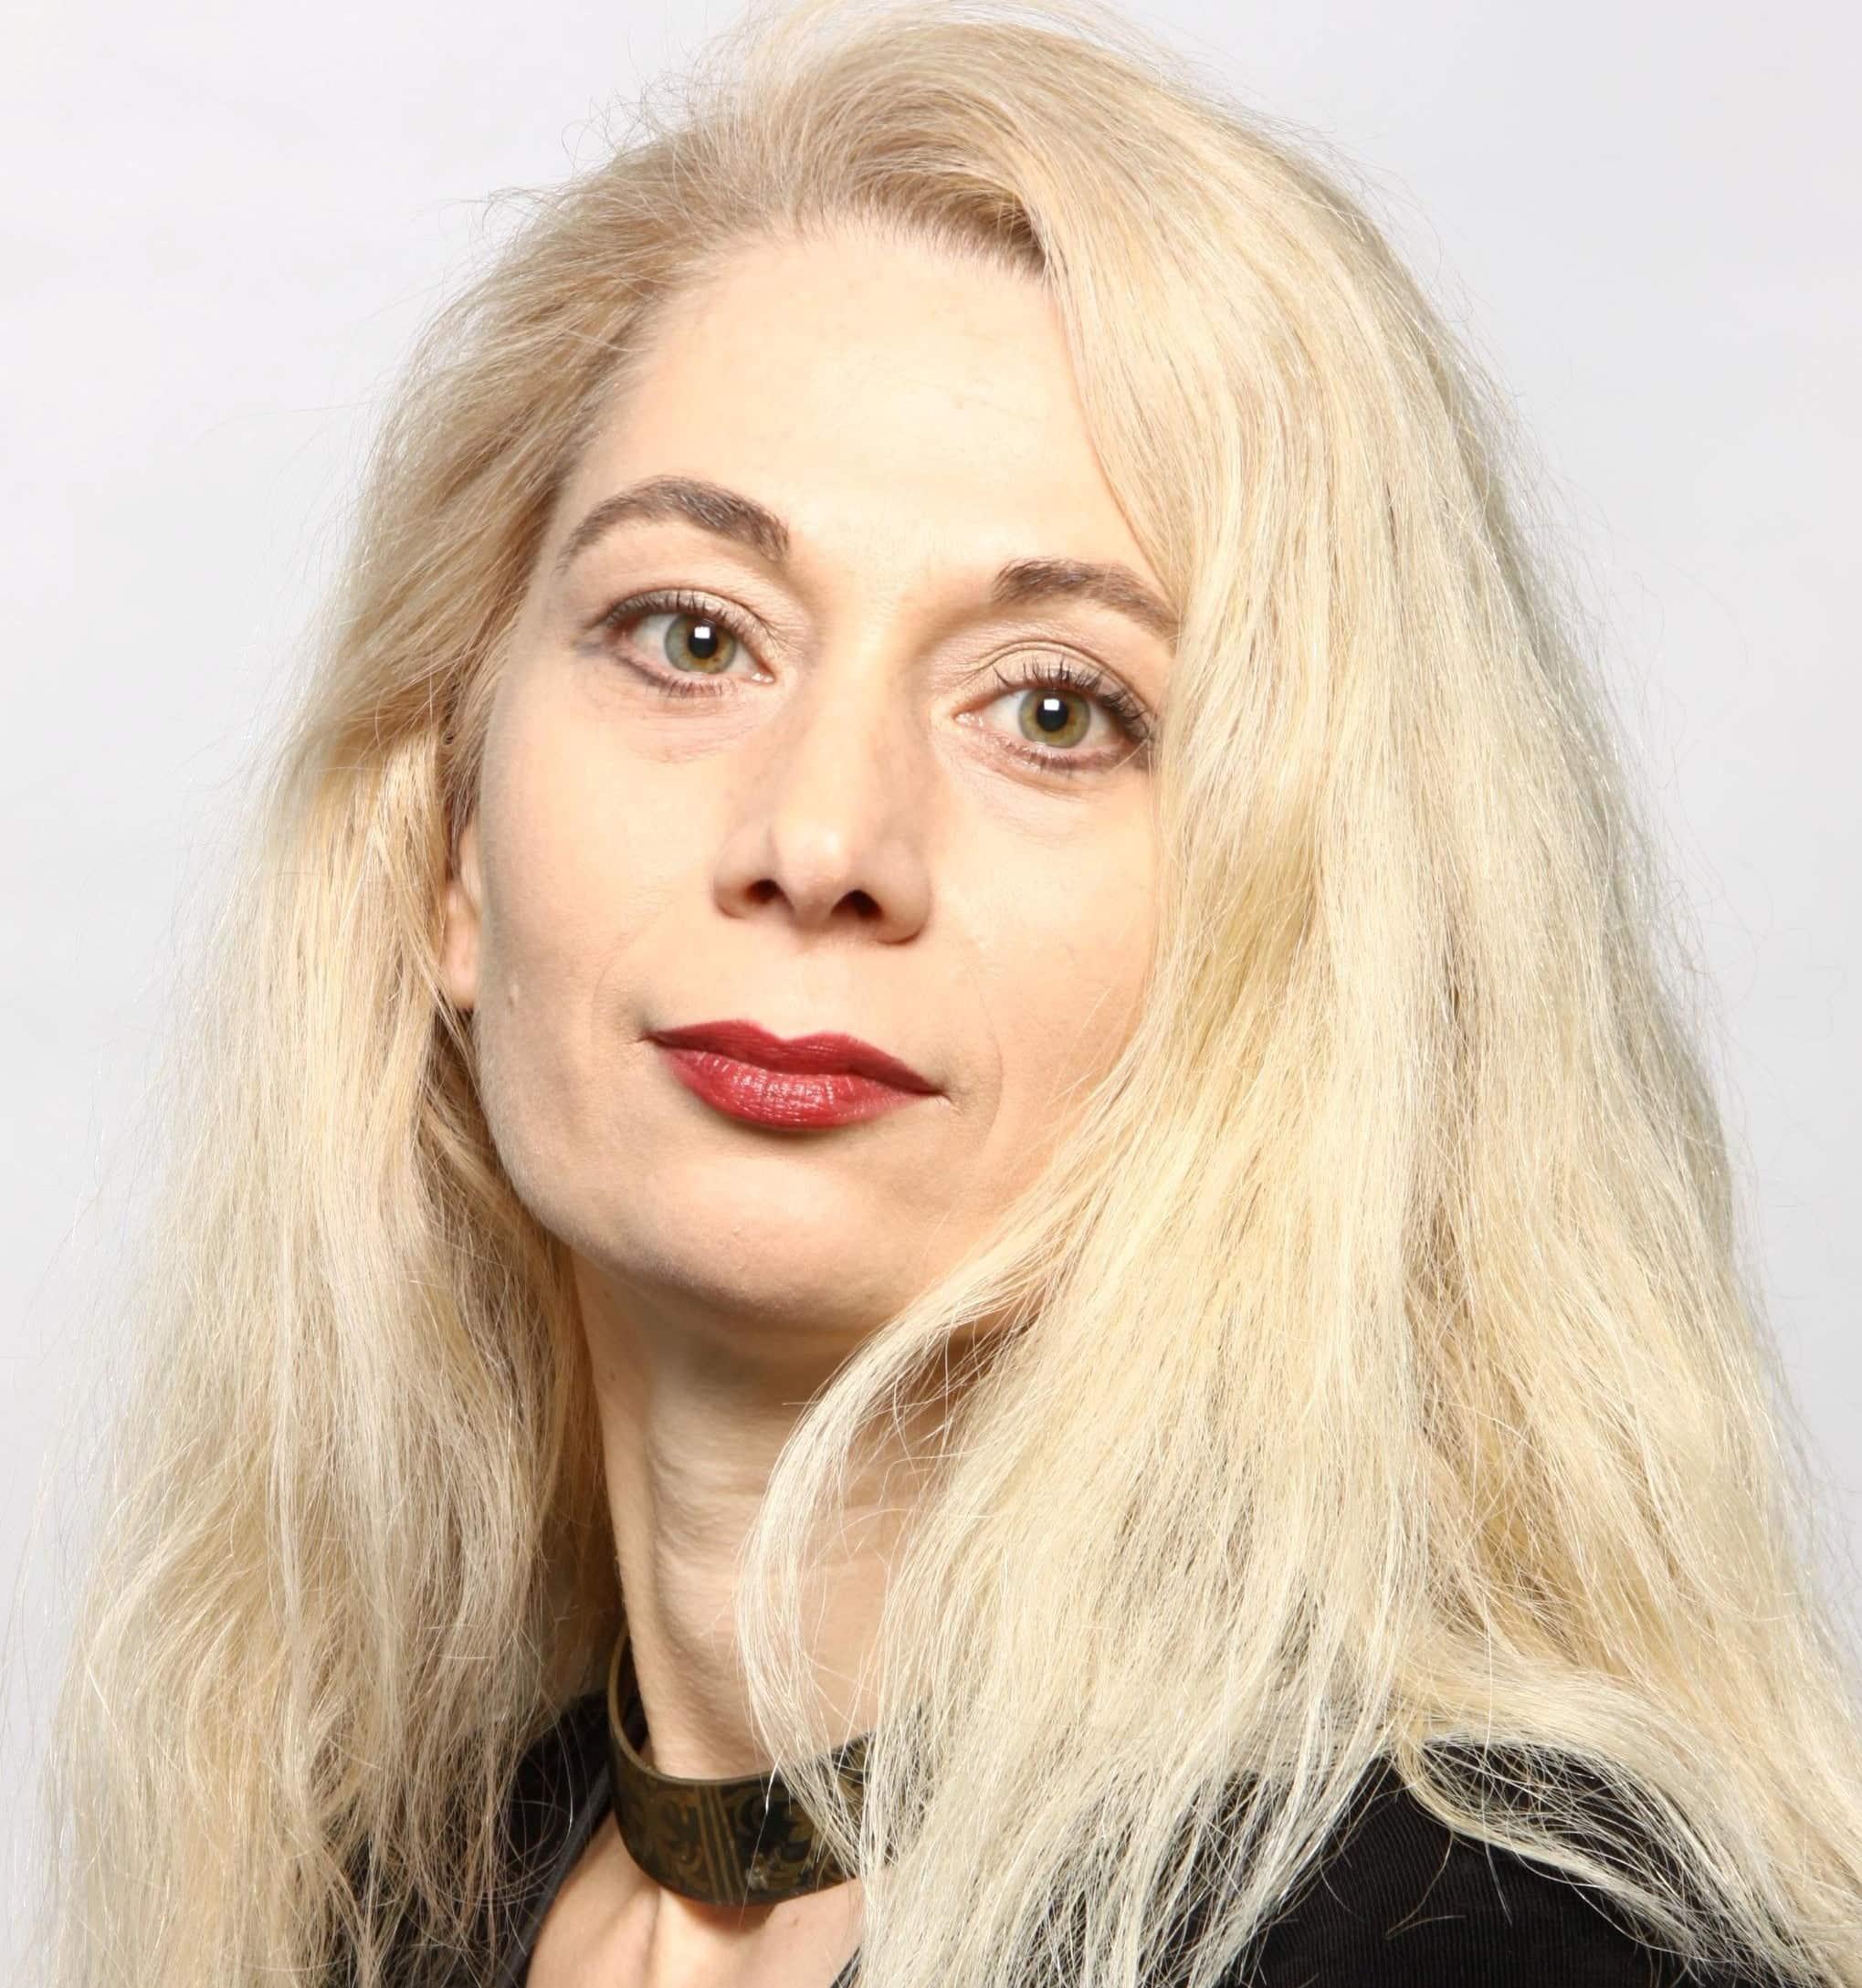 Lorraine Appleyard